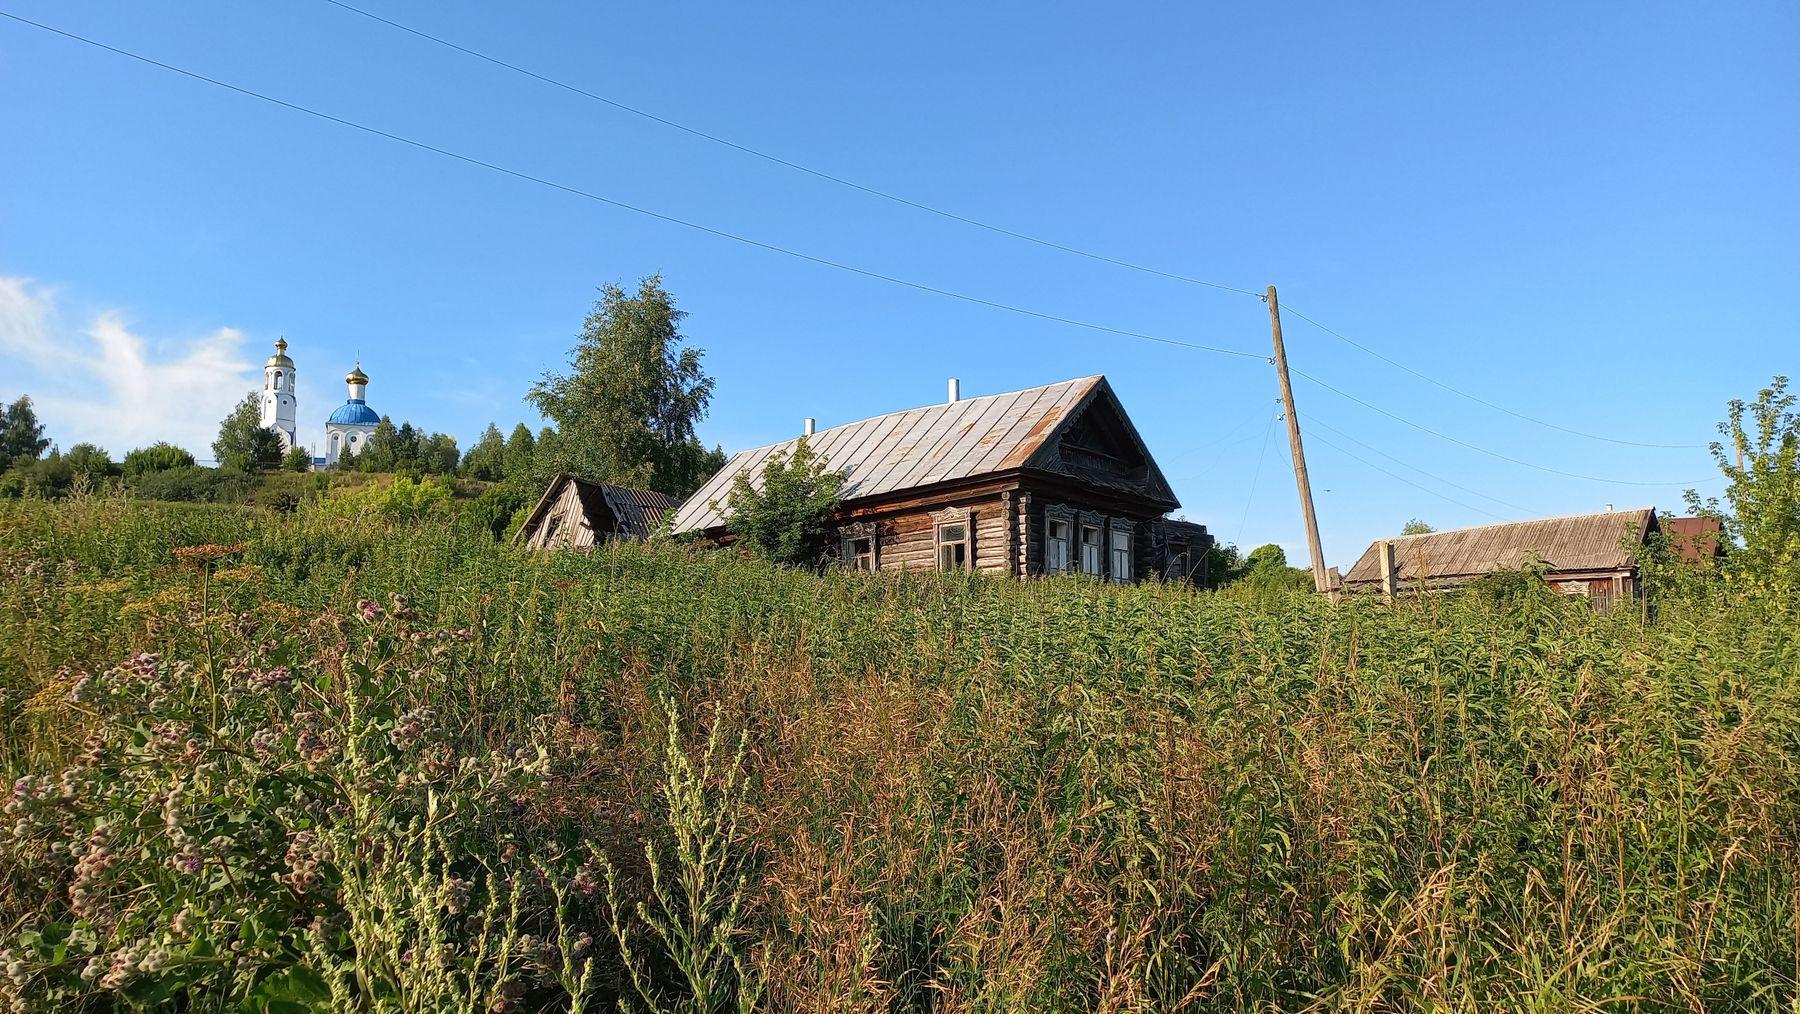 село Языково (Нижегородская область/Пильнинский район) Языково